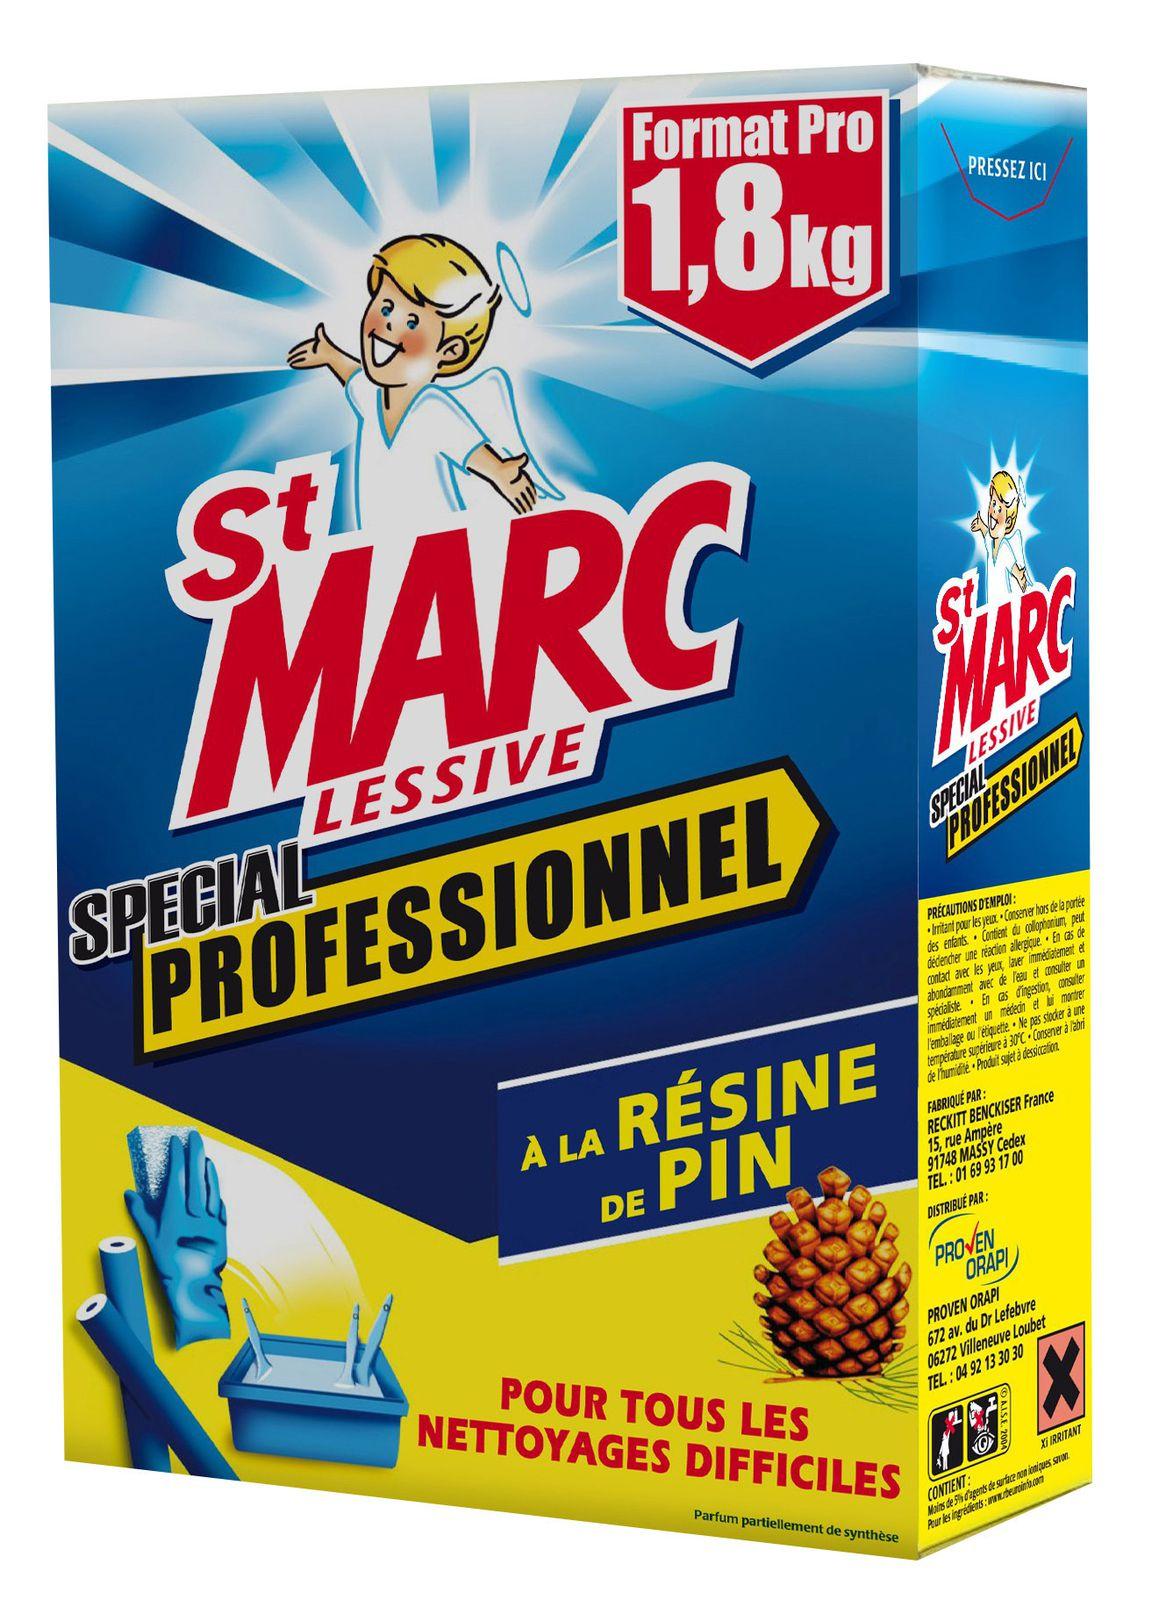 Non mais allô quoi  -  25 avril - Saint Marc